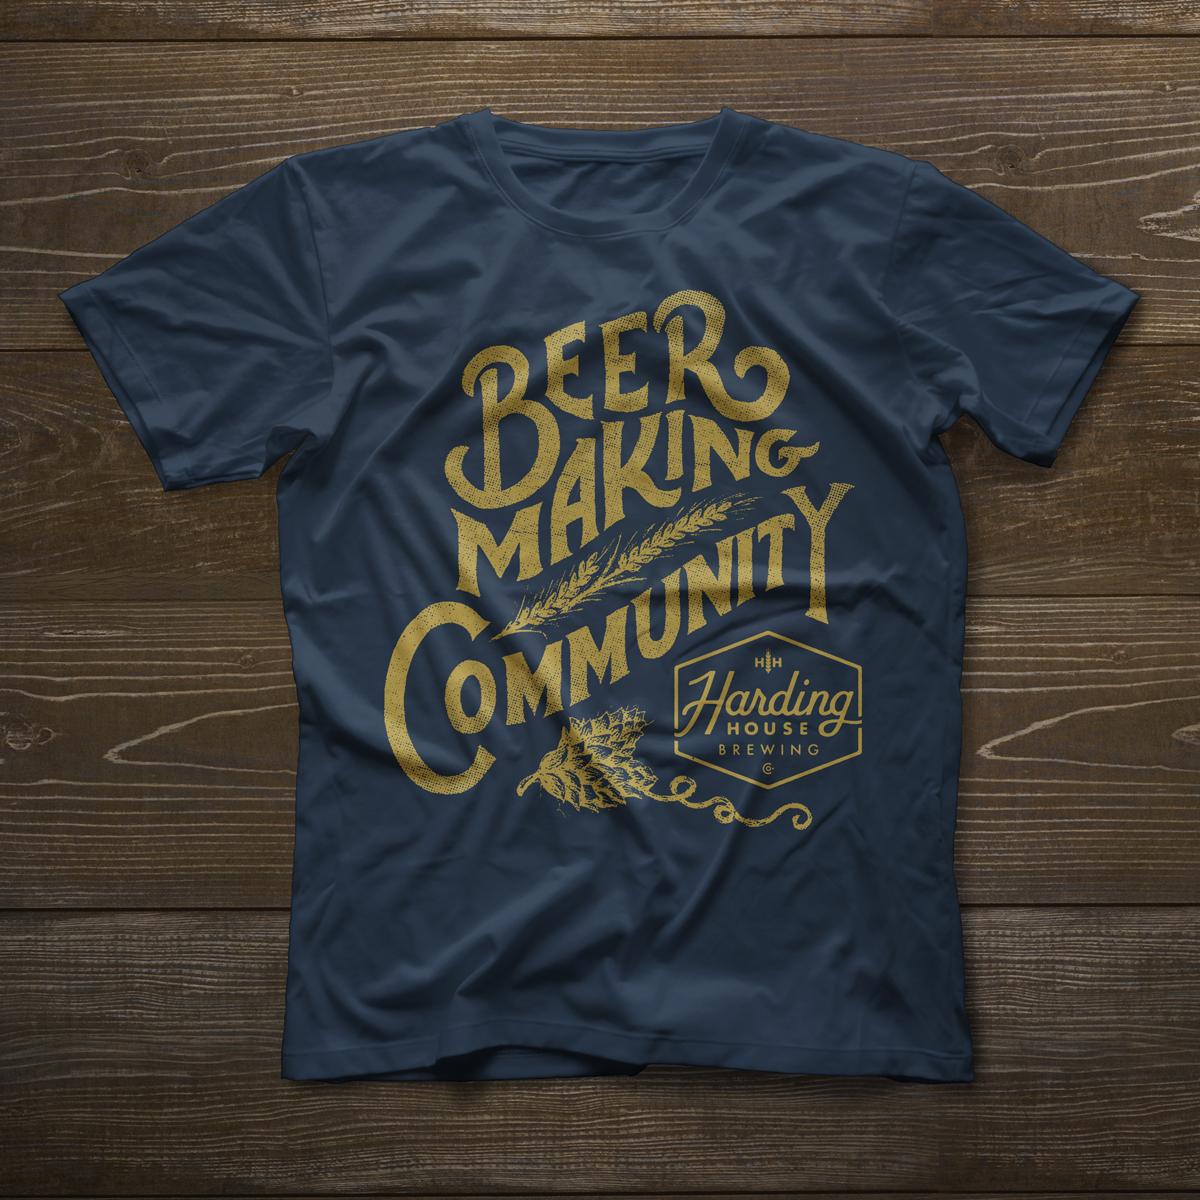 Beer making community tee